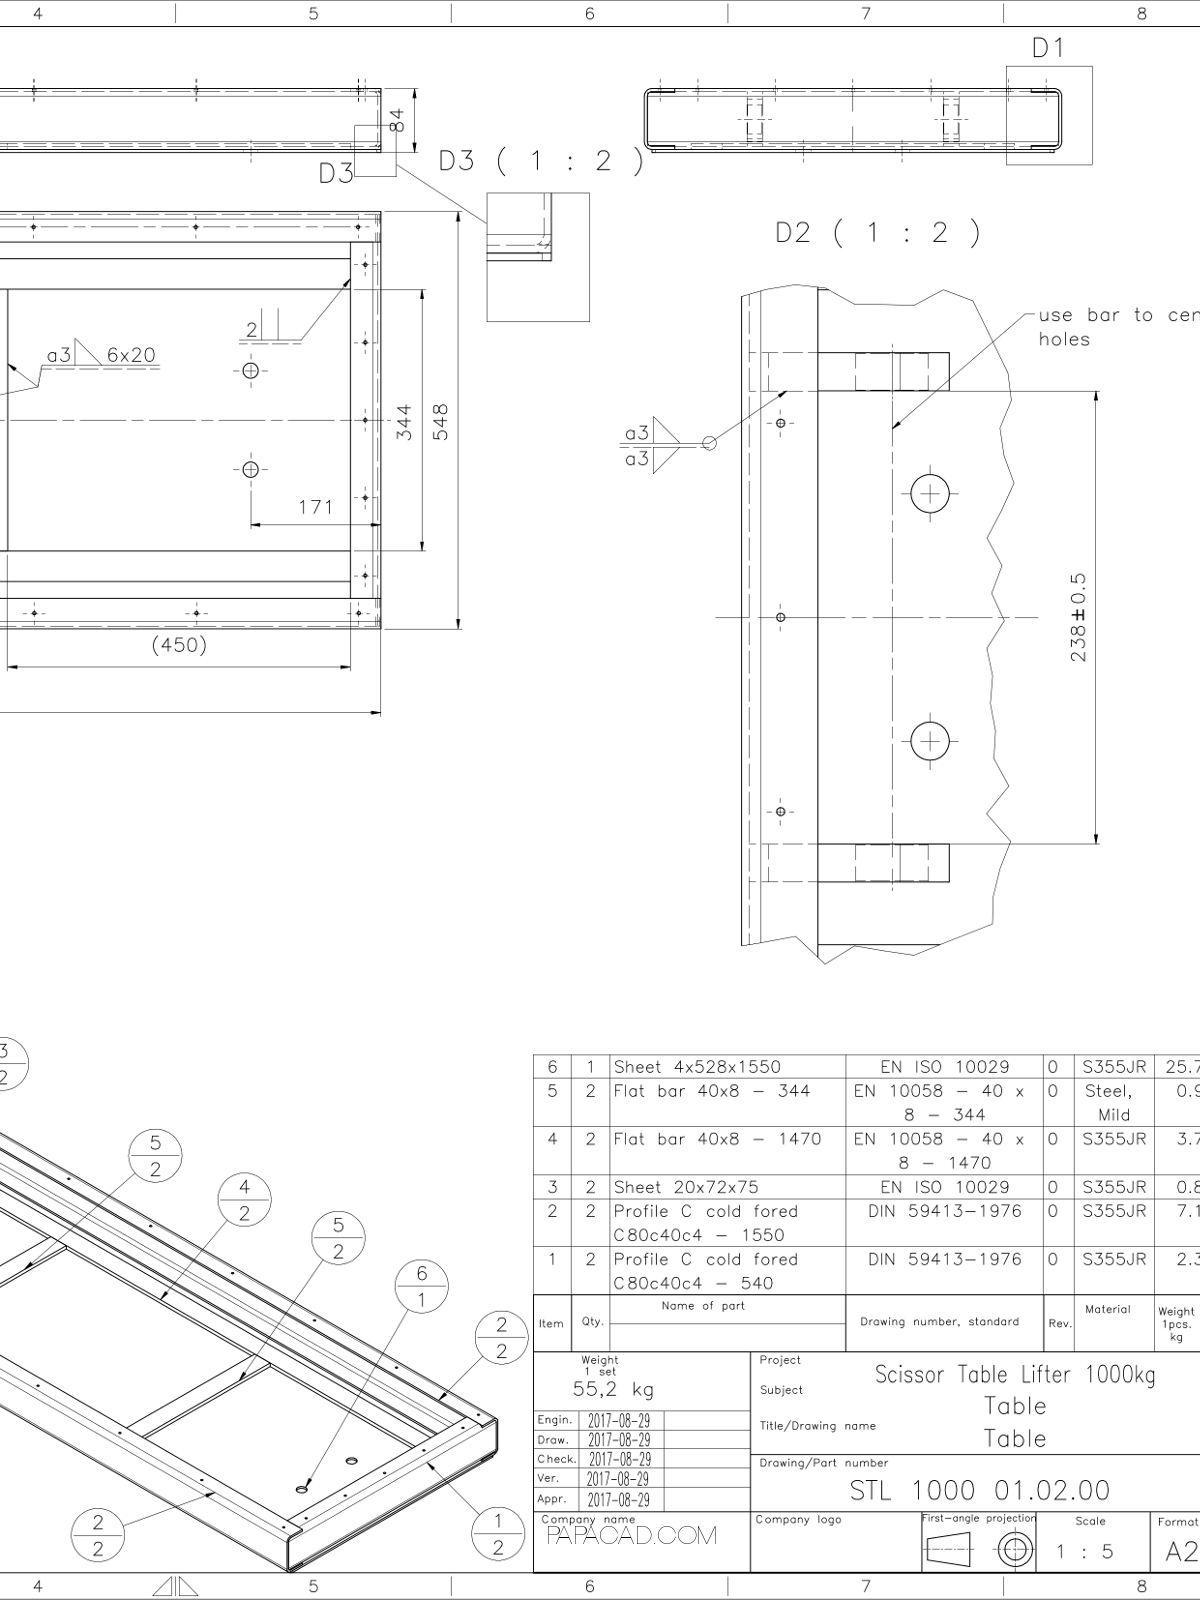 Scissor lift table plans 1000kg diy scissor lift table for Cad plans